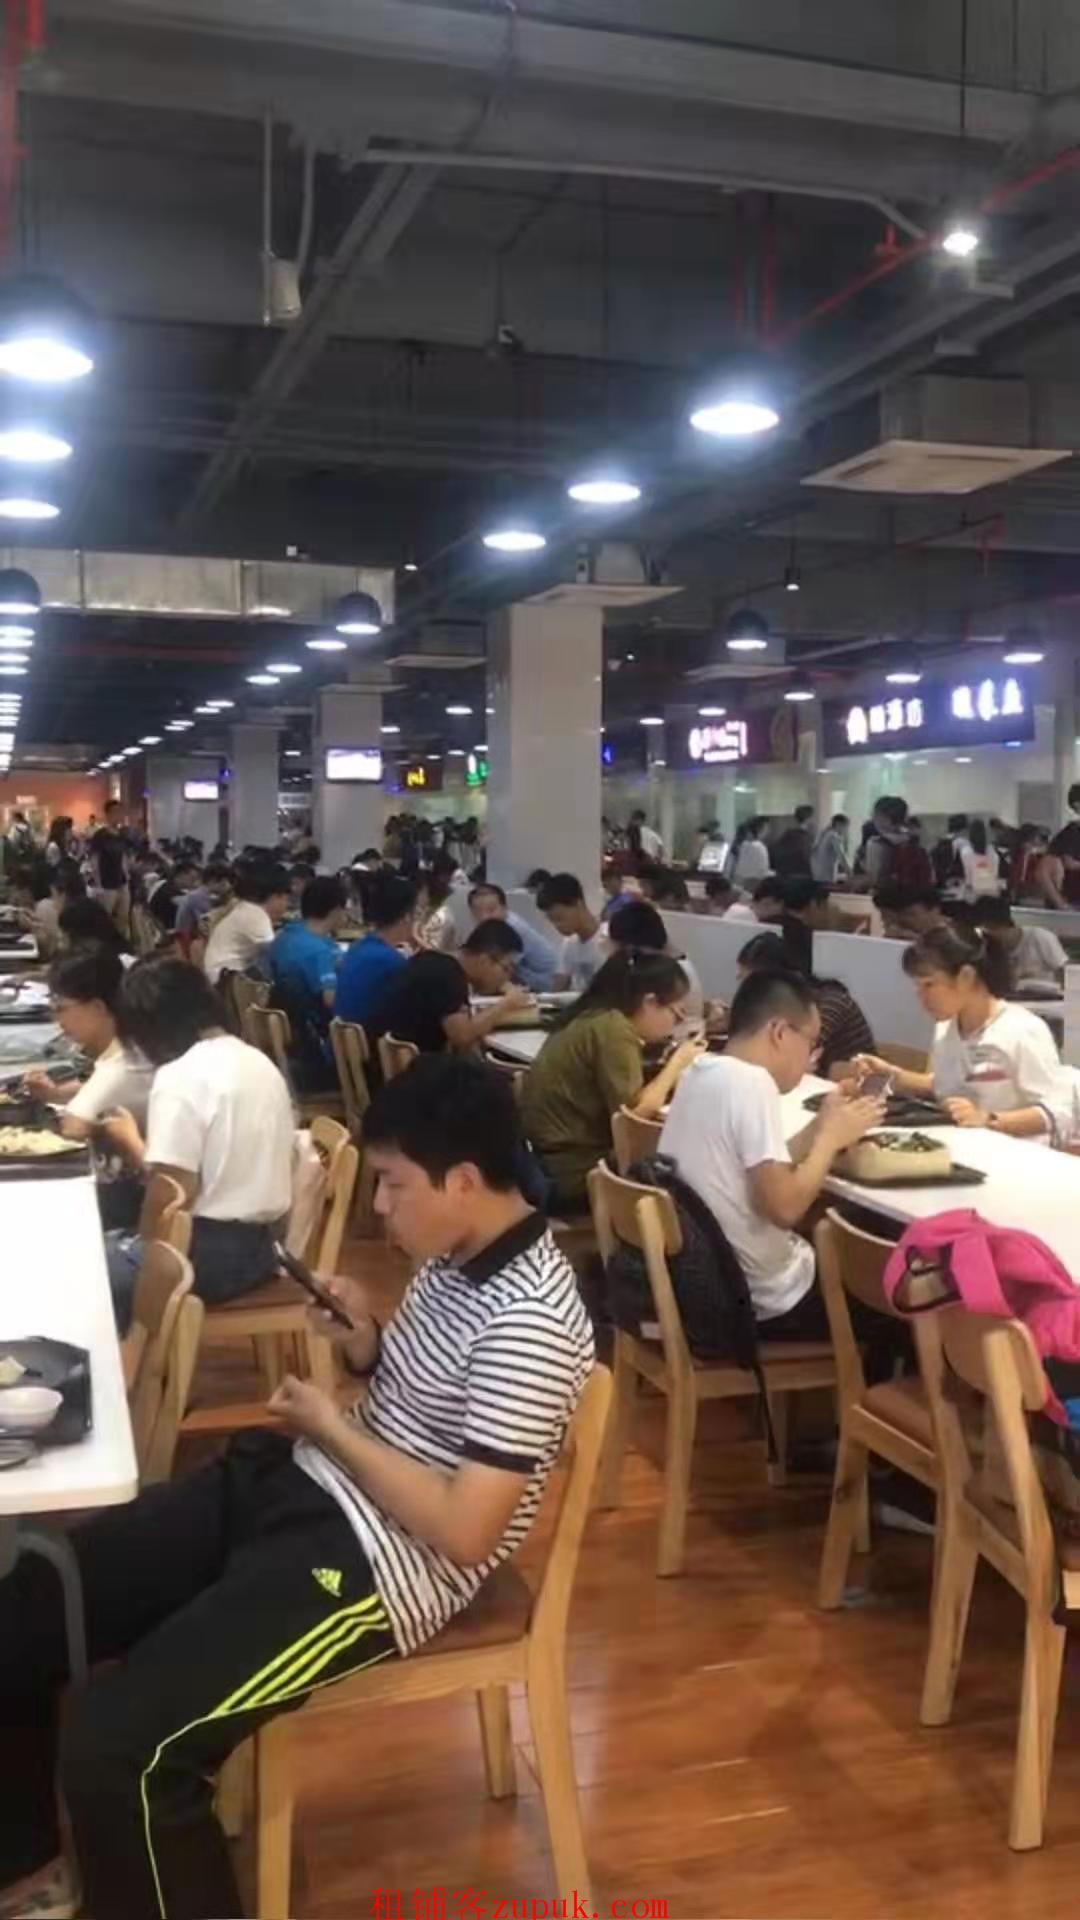 天河区大学内唯一食堂招租,扣点无保底,学校放假不收租金!!!